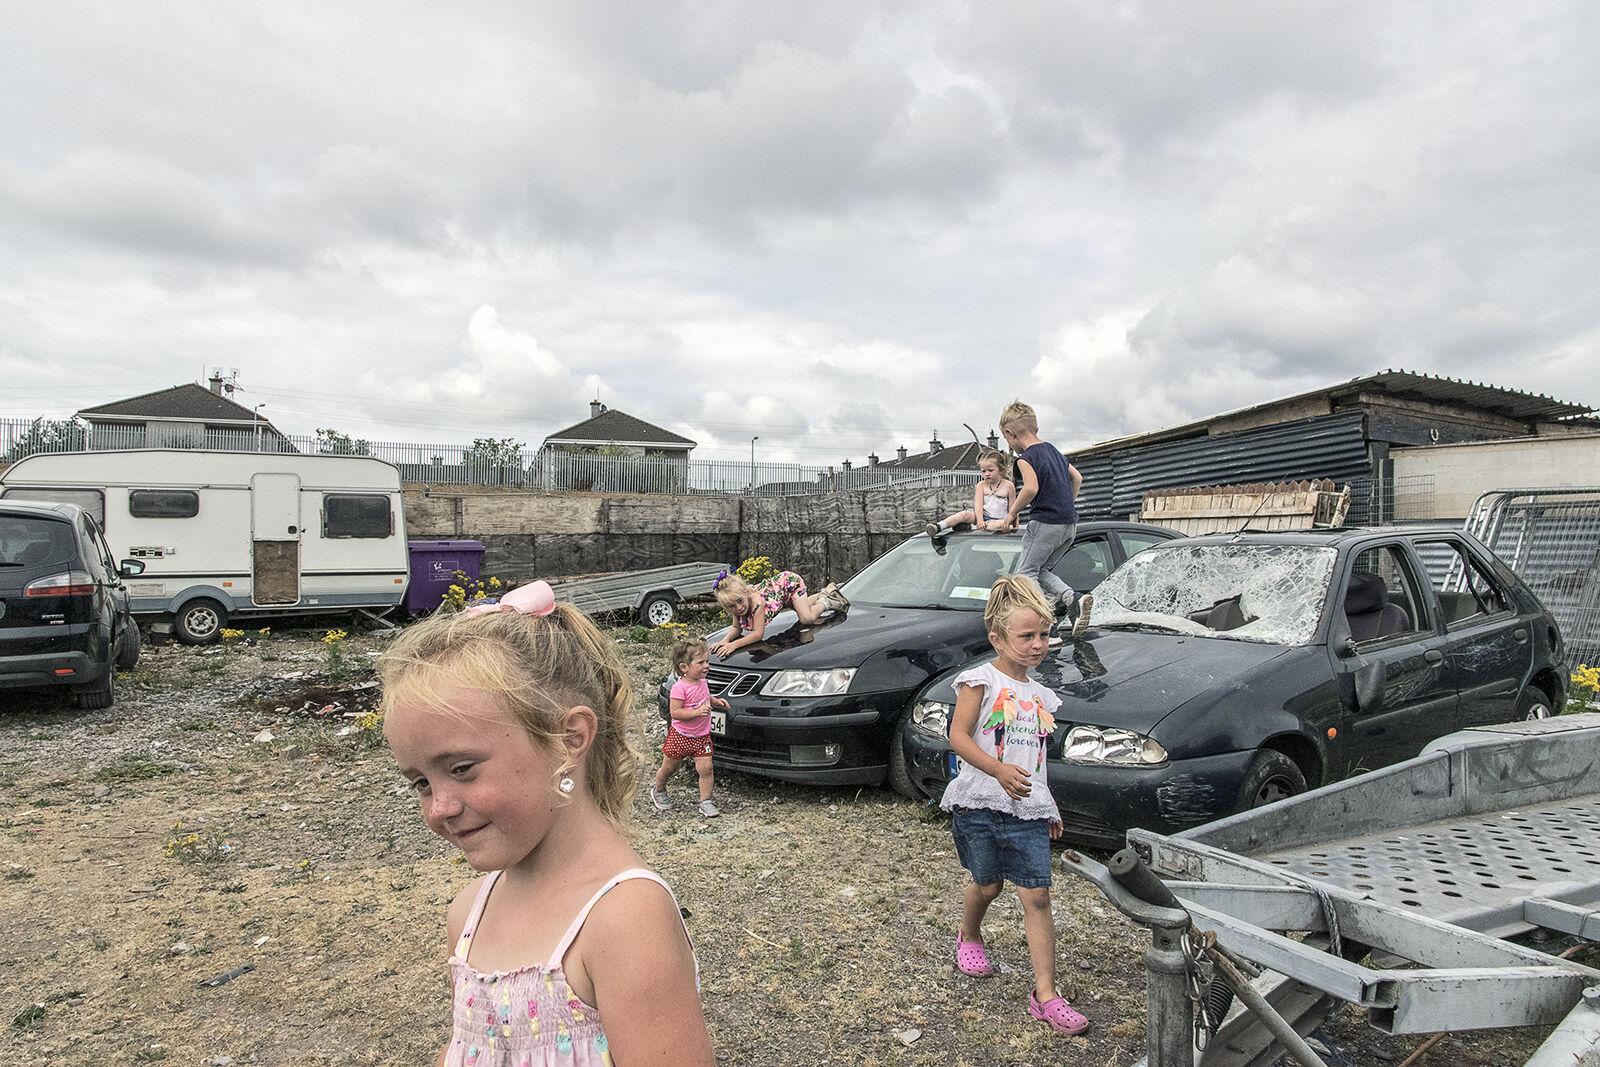 Children Playing in Scrap Yard, Cork, Ireland 2018